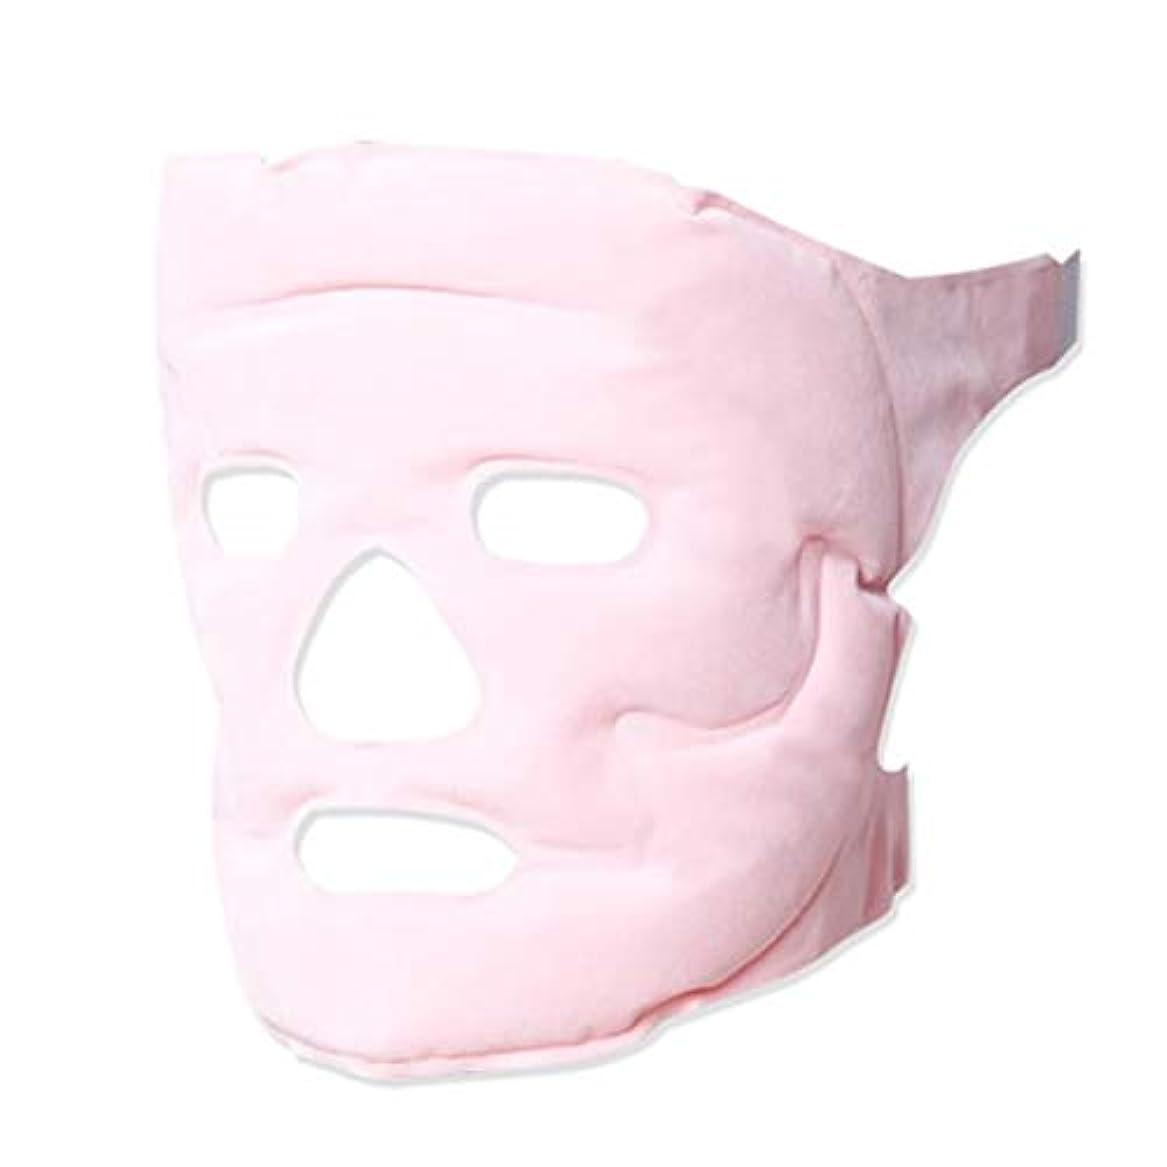 土砂降り離れてエゴマニアZWBD フェイスマスク, フェイスリフティング包帯Vフェイスマスク睡眠薄い顔美容マスク磁気療法リフティング顔引き締め令包帯